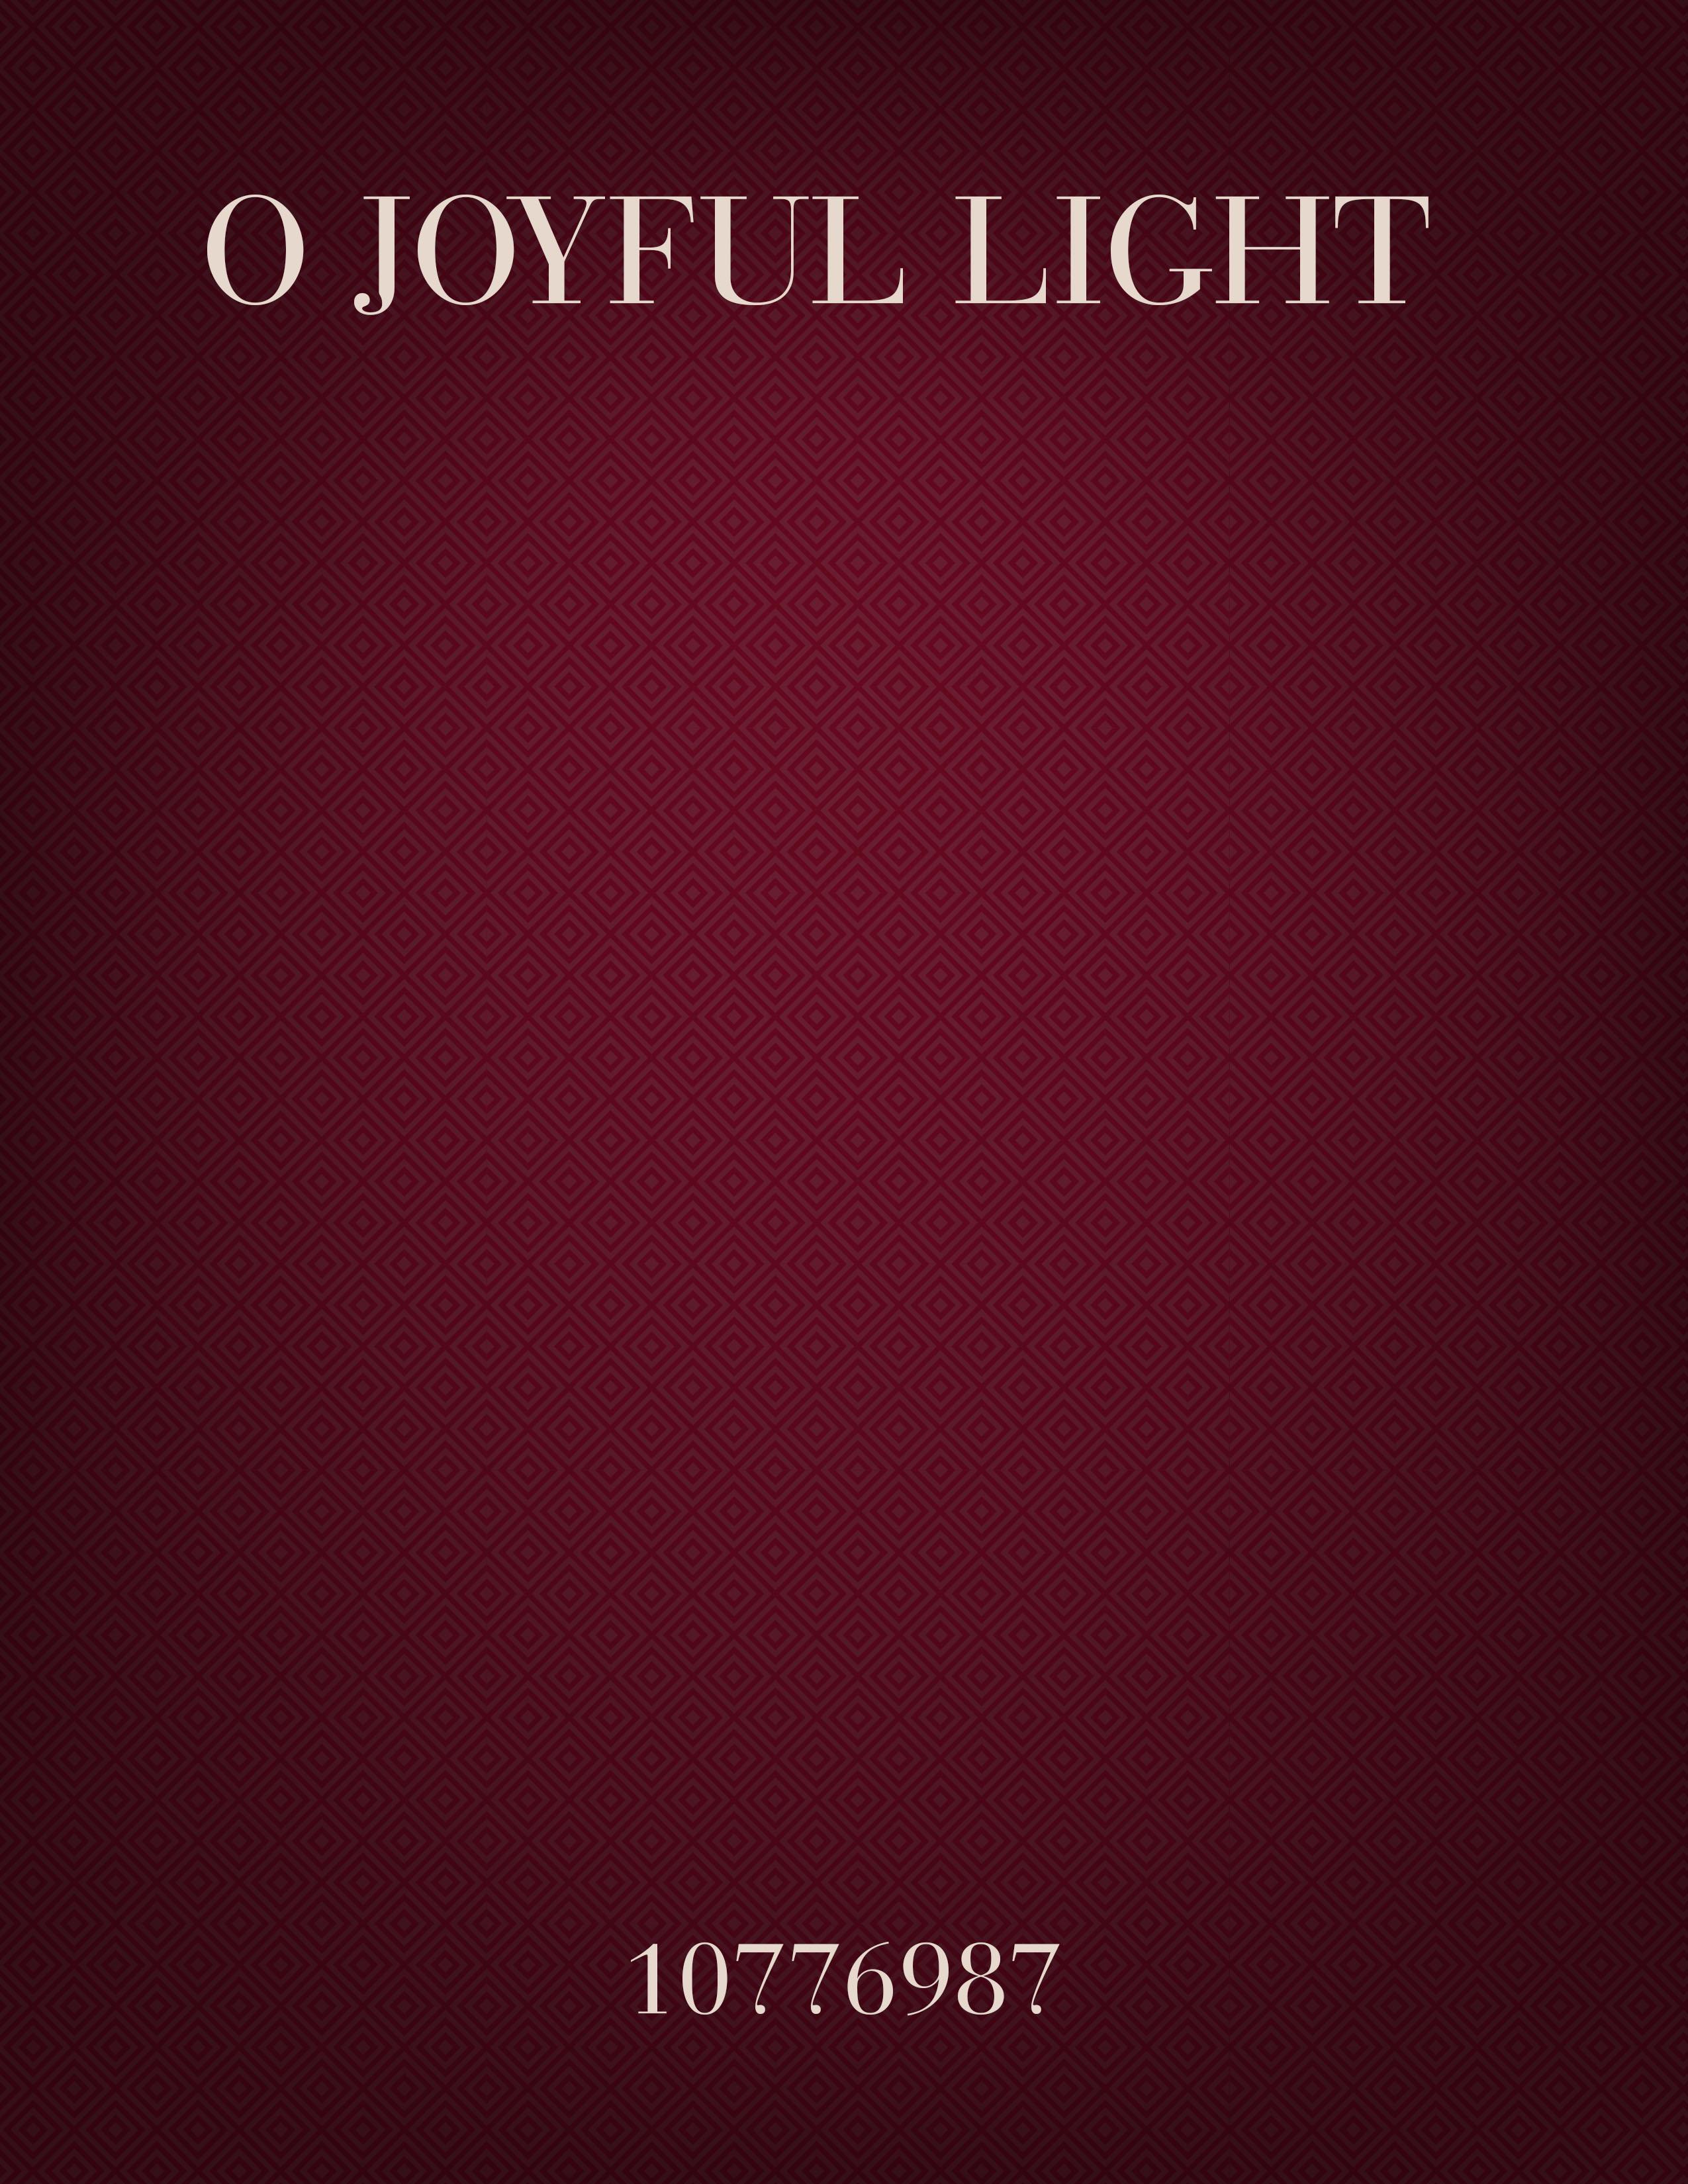 O Joyful Light